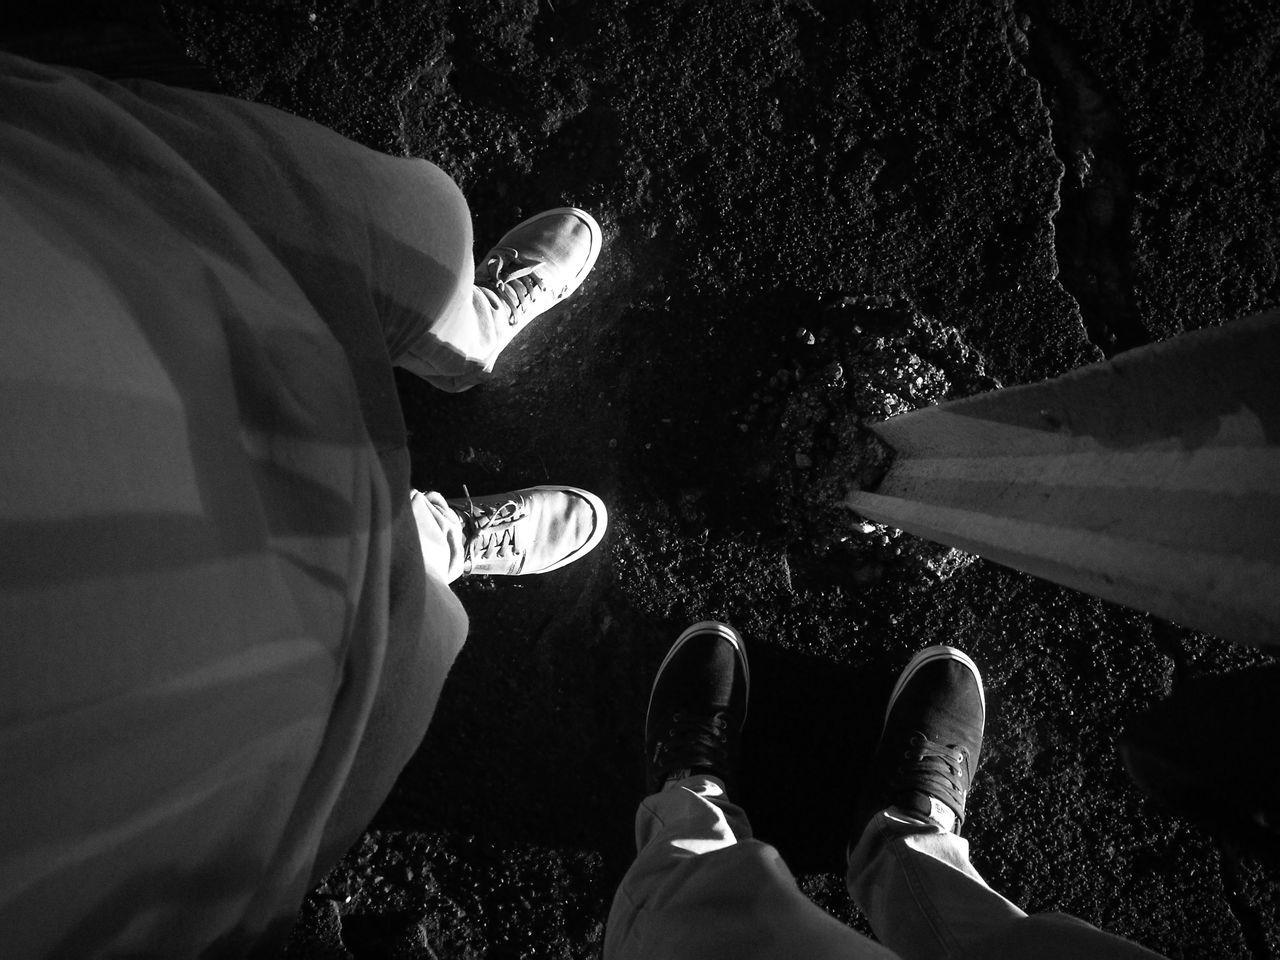 Siempre con los pies en la tierra !! Firmeza Finding New Frontiers